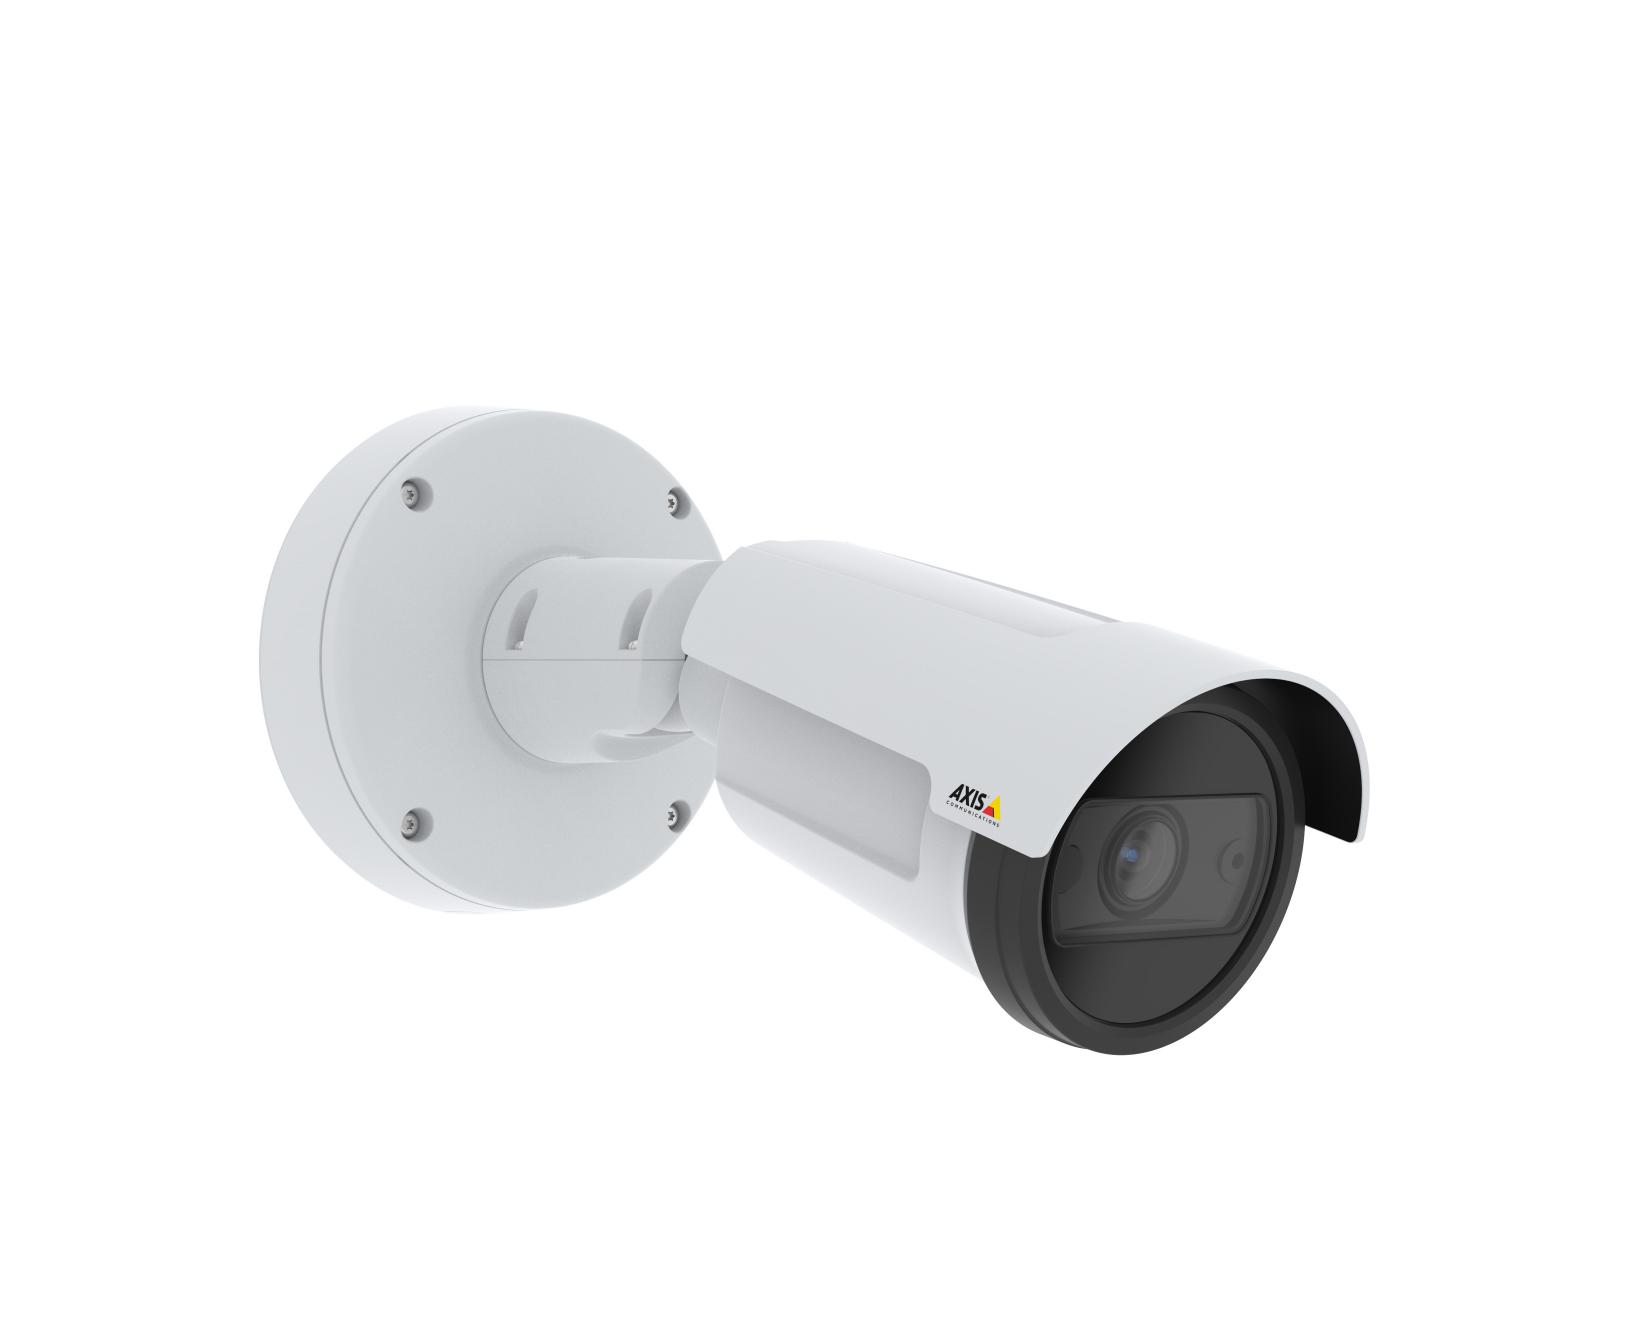 Новые bullet-камеры AXIS обеспечат дорожное видеонаблюдение днем и ночью